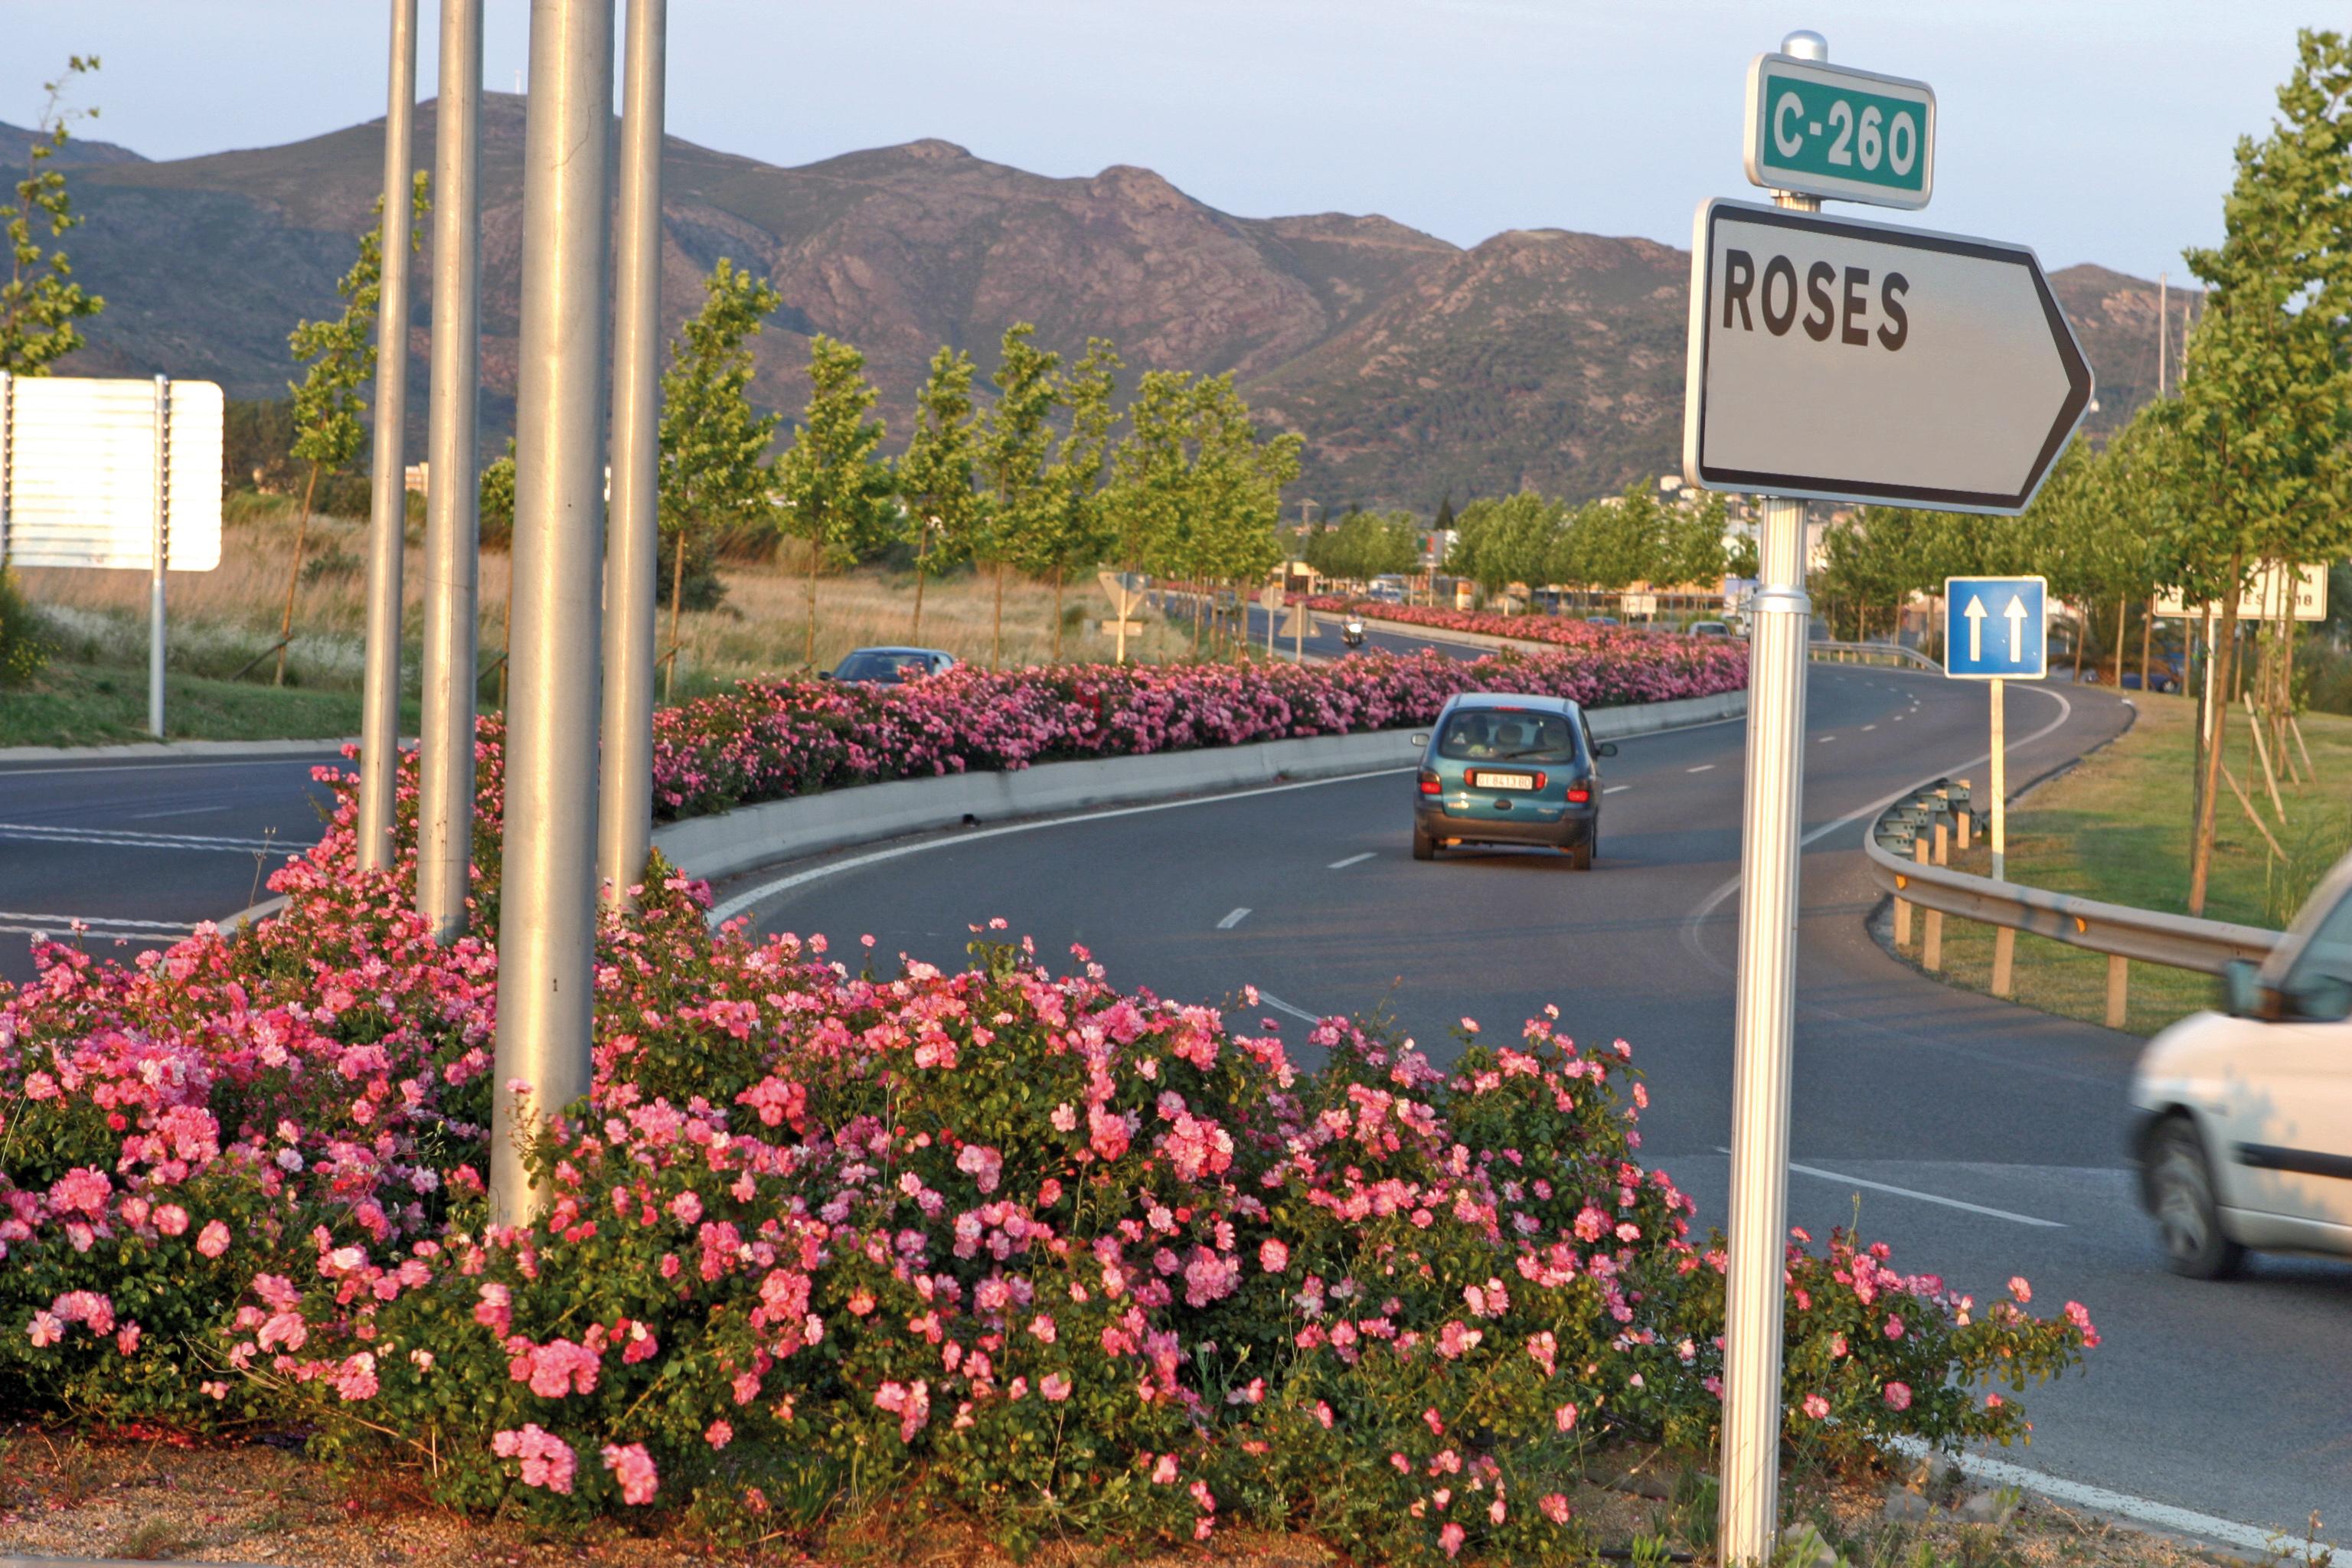 """Roses revalida la qualificació """"3 Flors d'Honor"""" en la convocatòria Viles Florides 2017"""